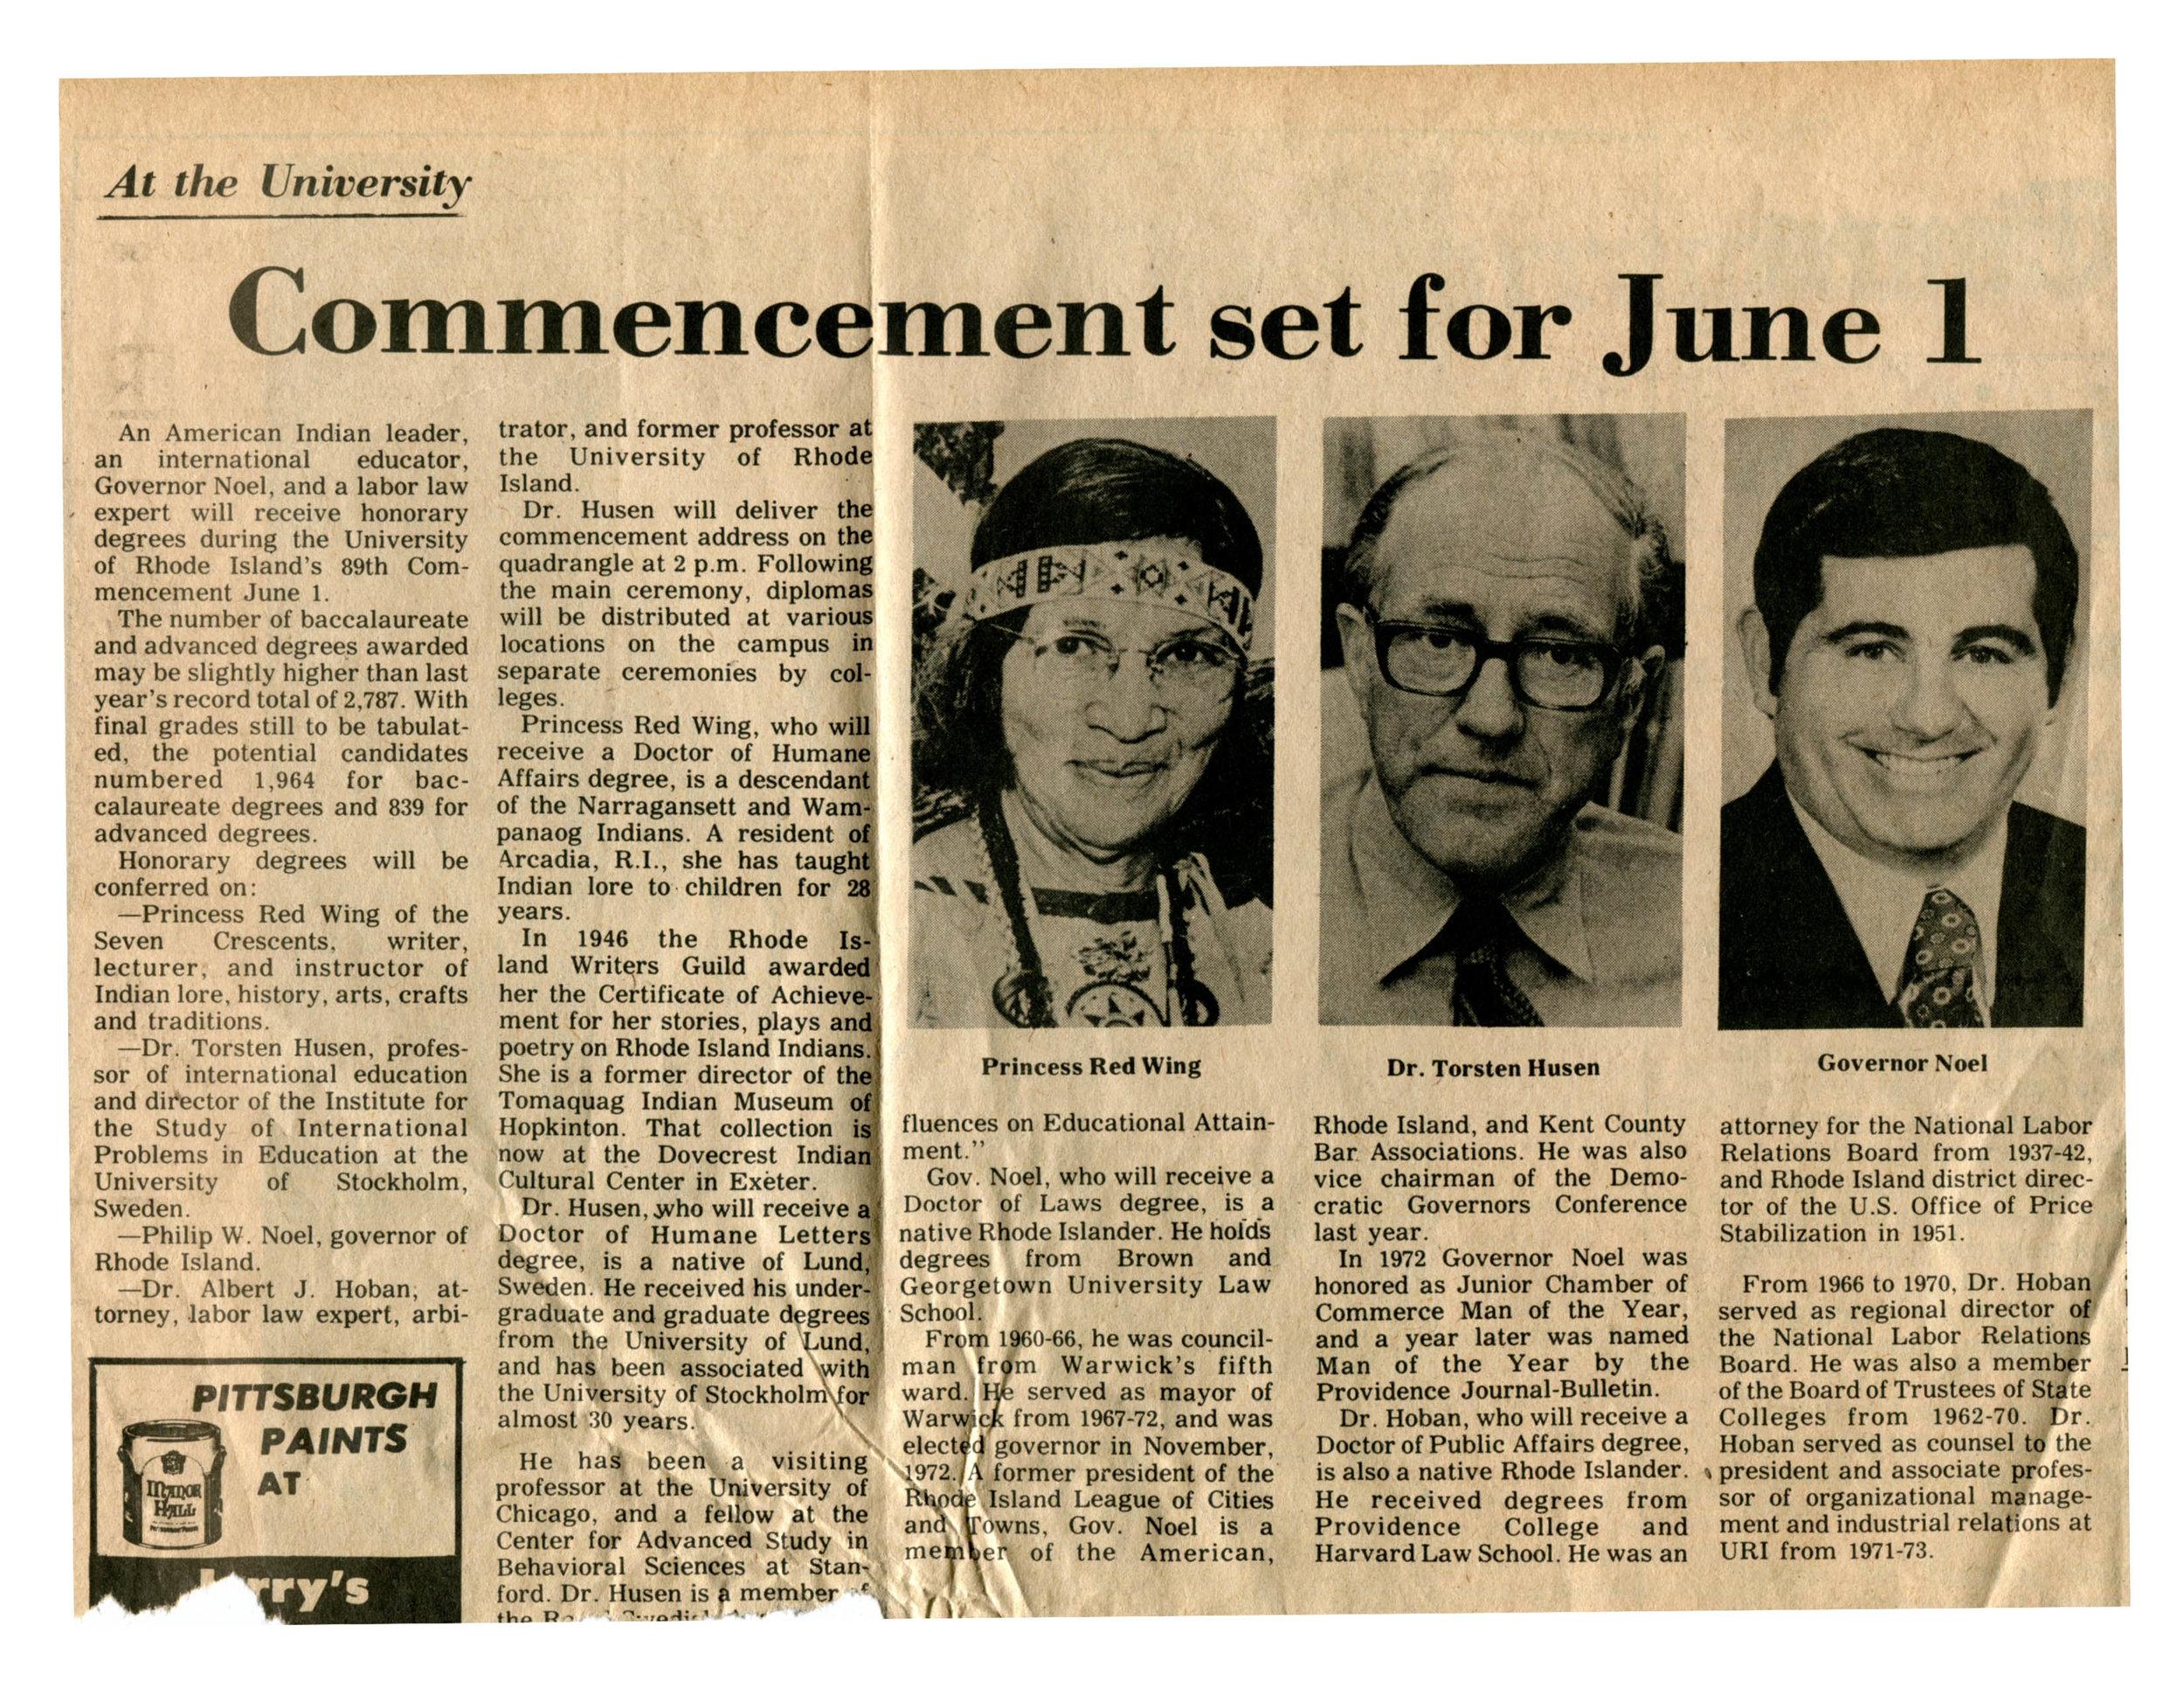 Image: Narragansett Times, May 15, 1975